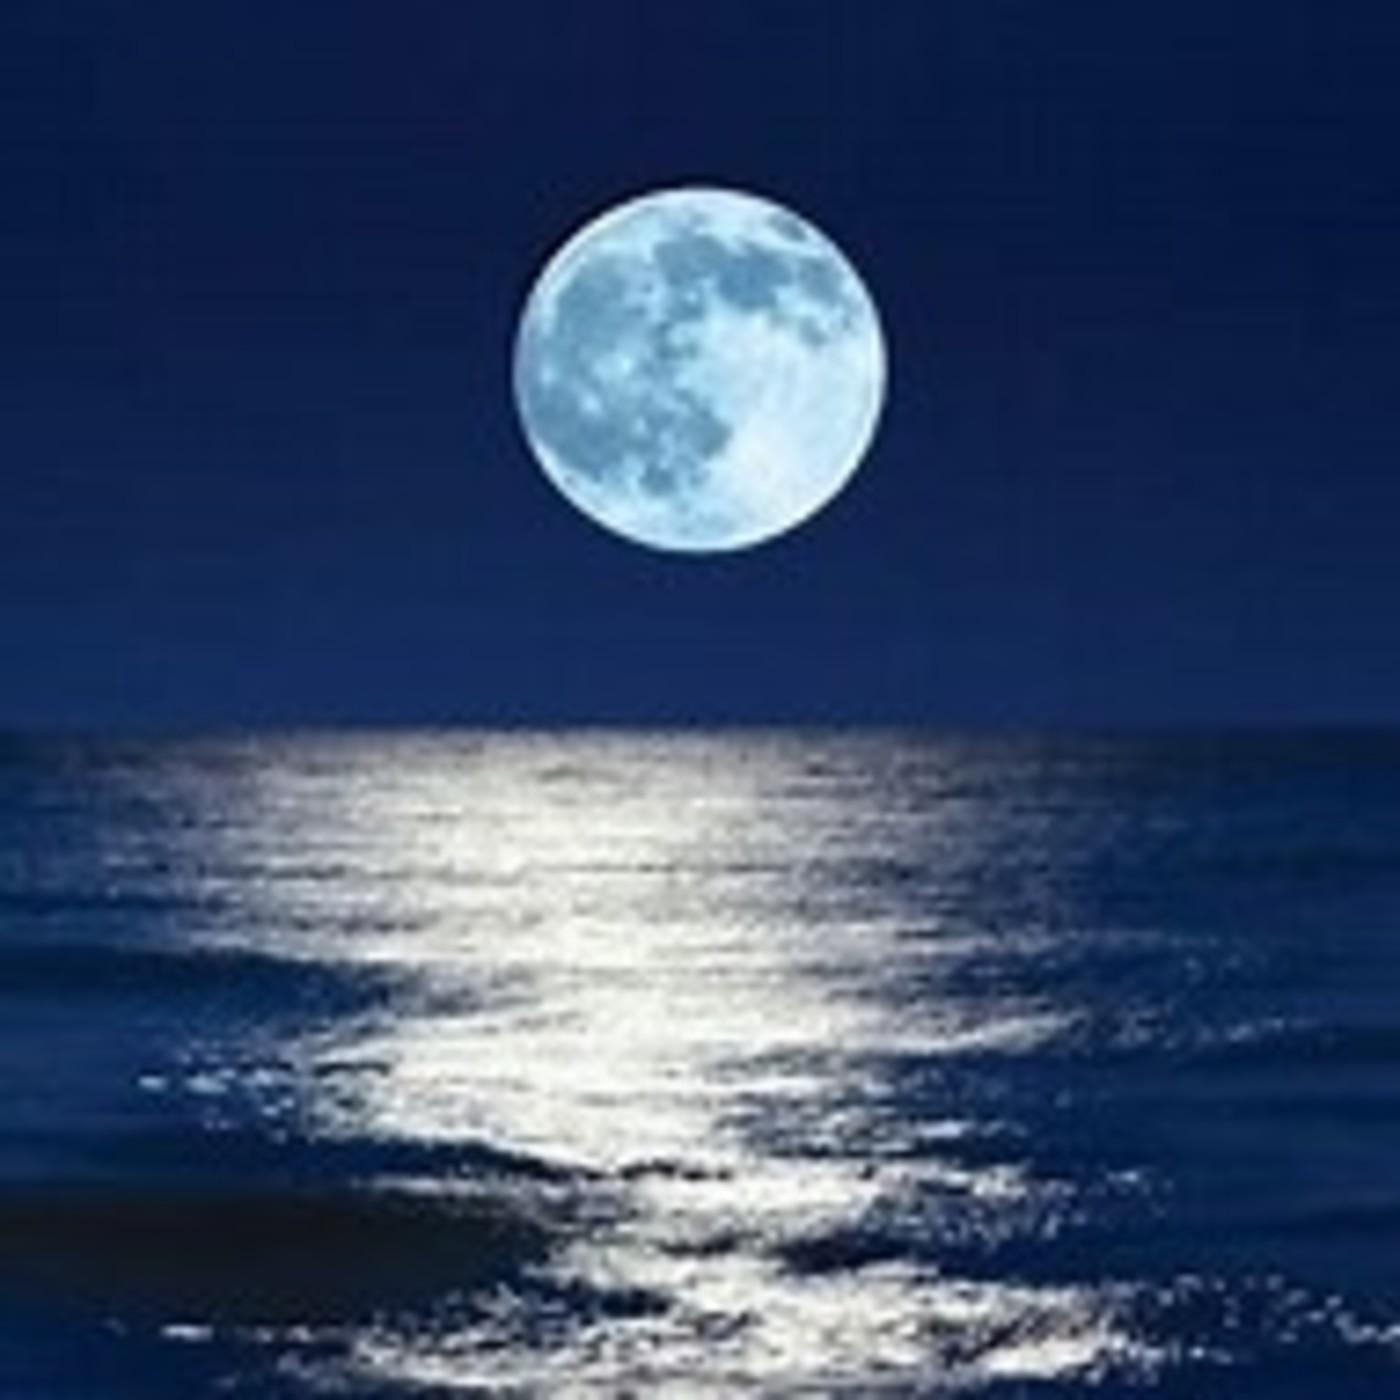 7. Meditación para dormir profundamente. Cuento: Los dos halcolnes